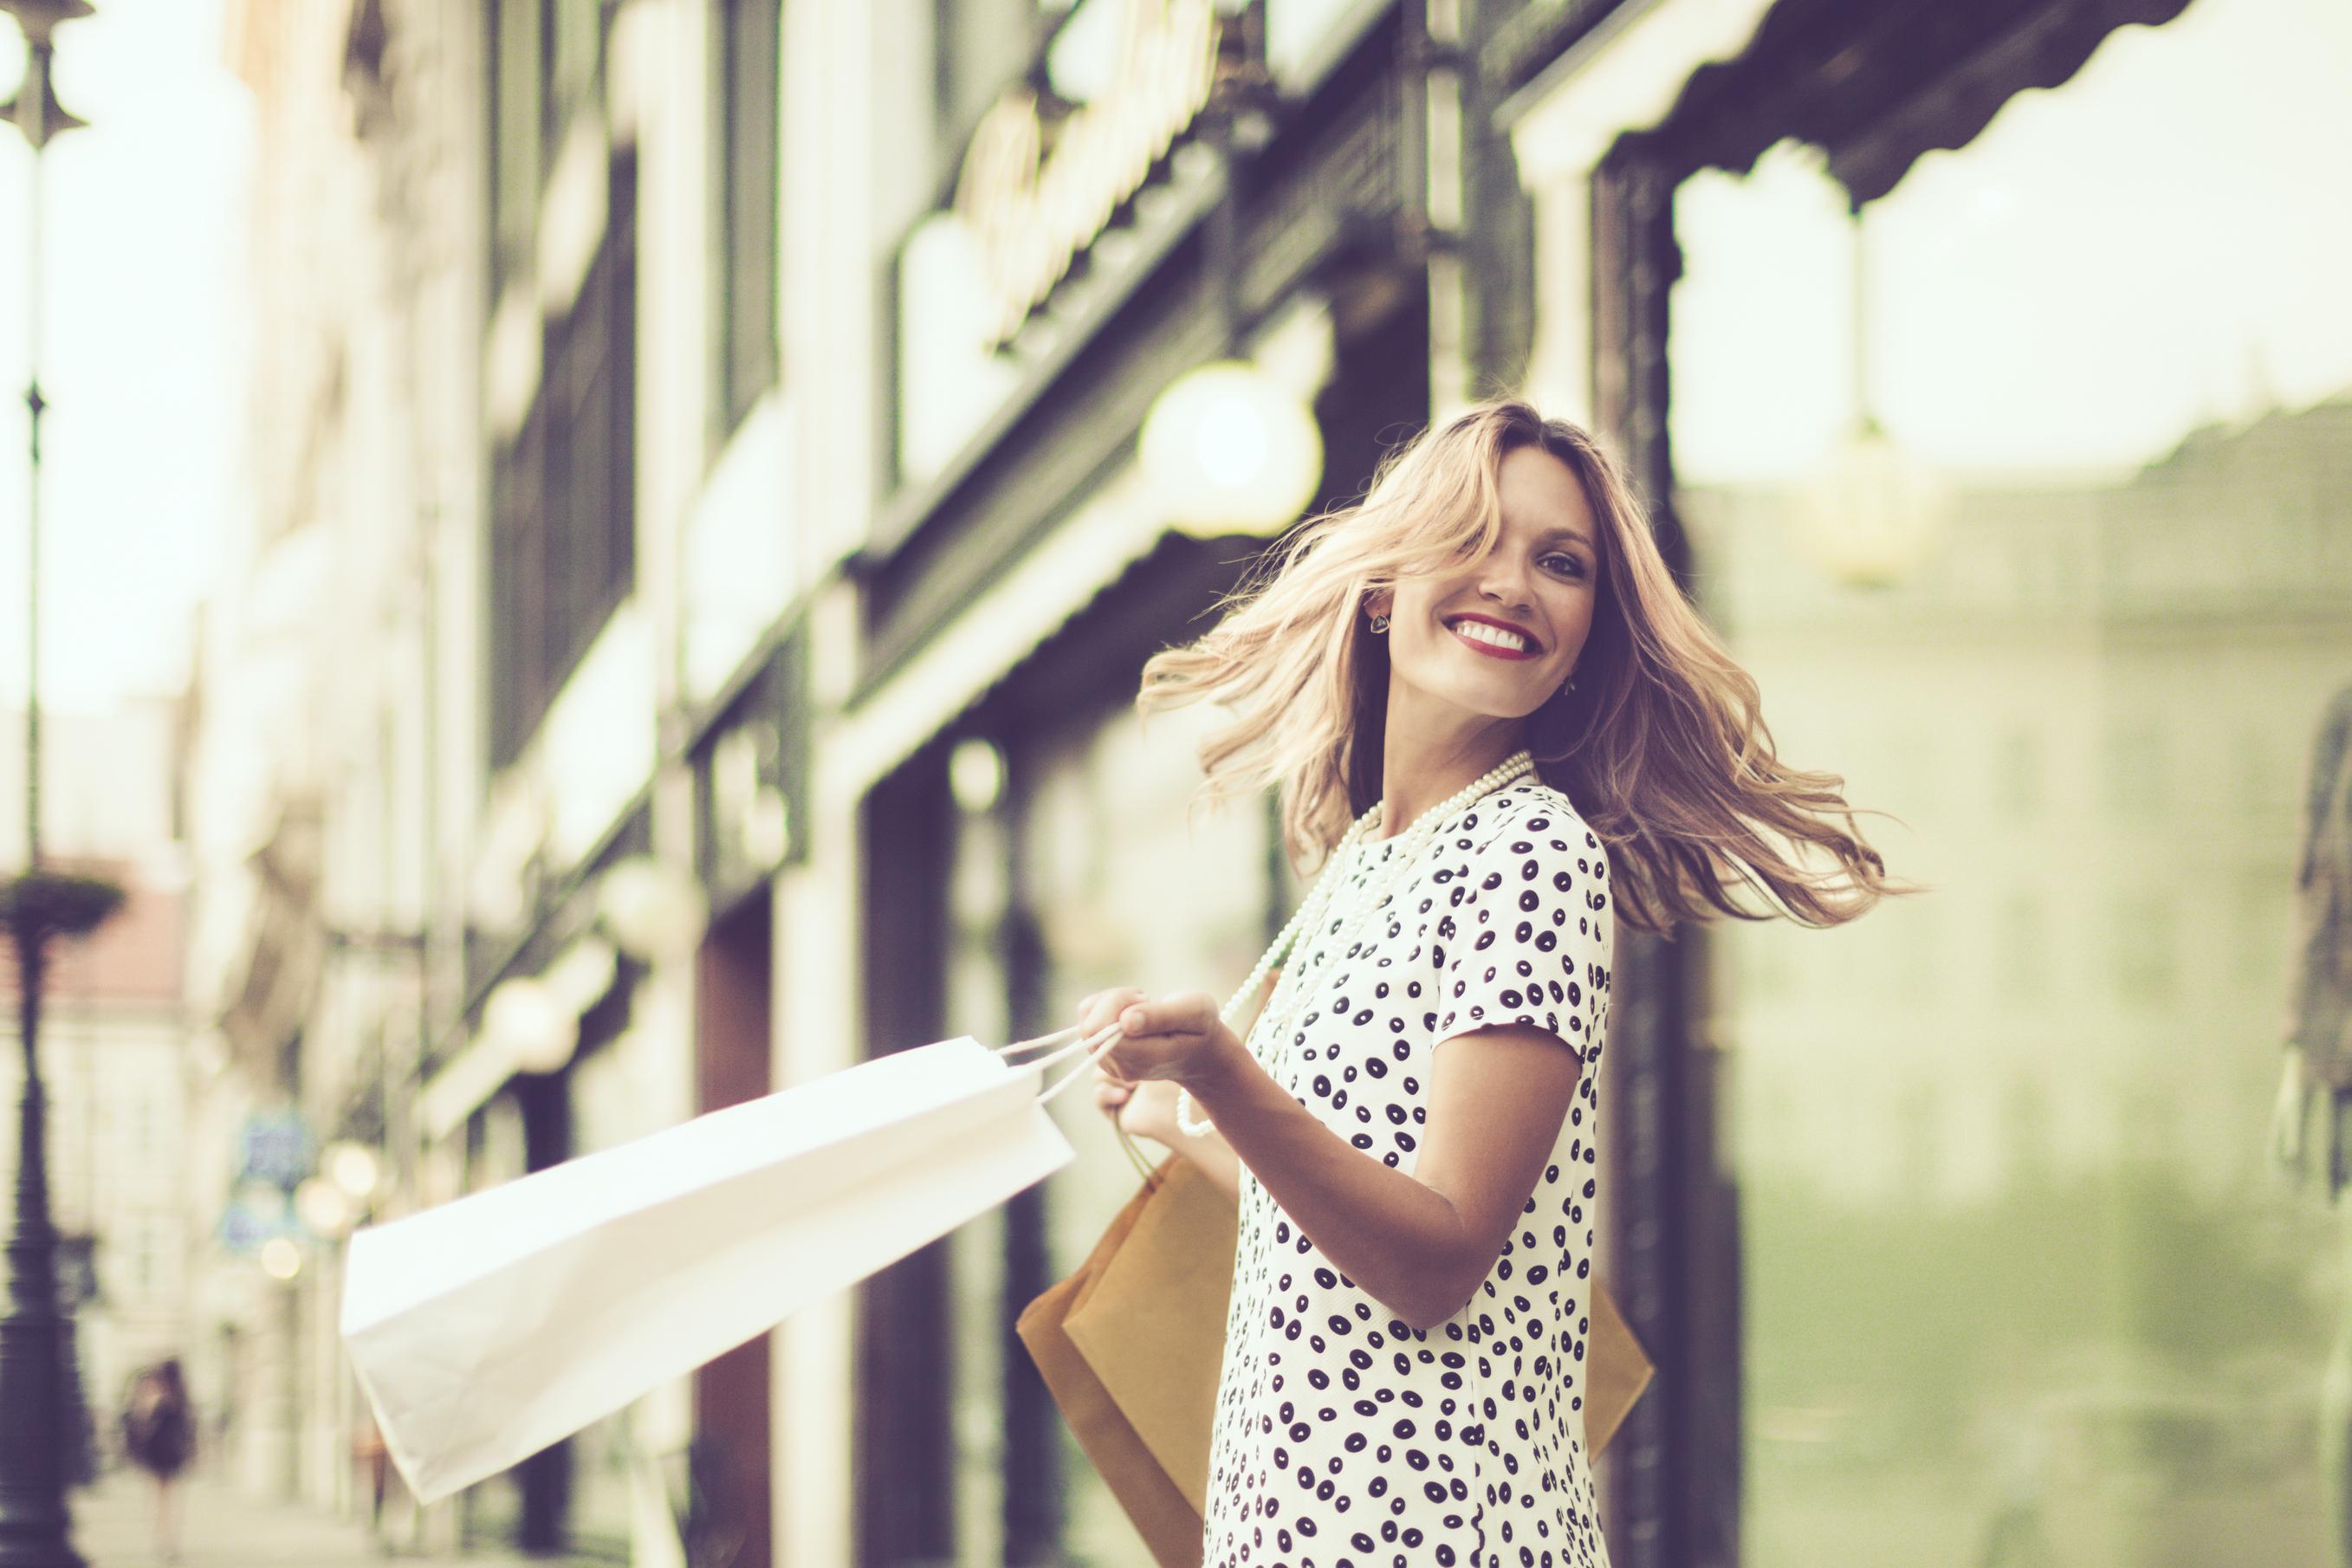 Image: iStock - Happy shopper.